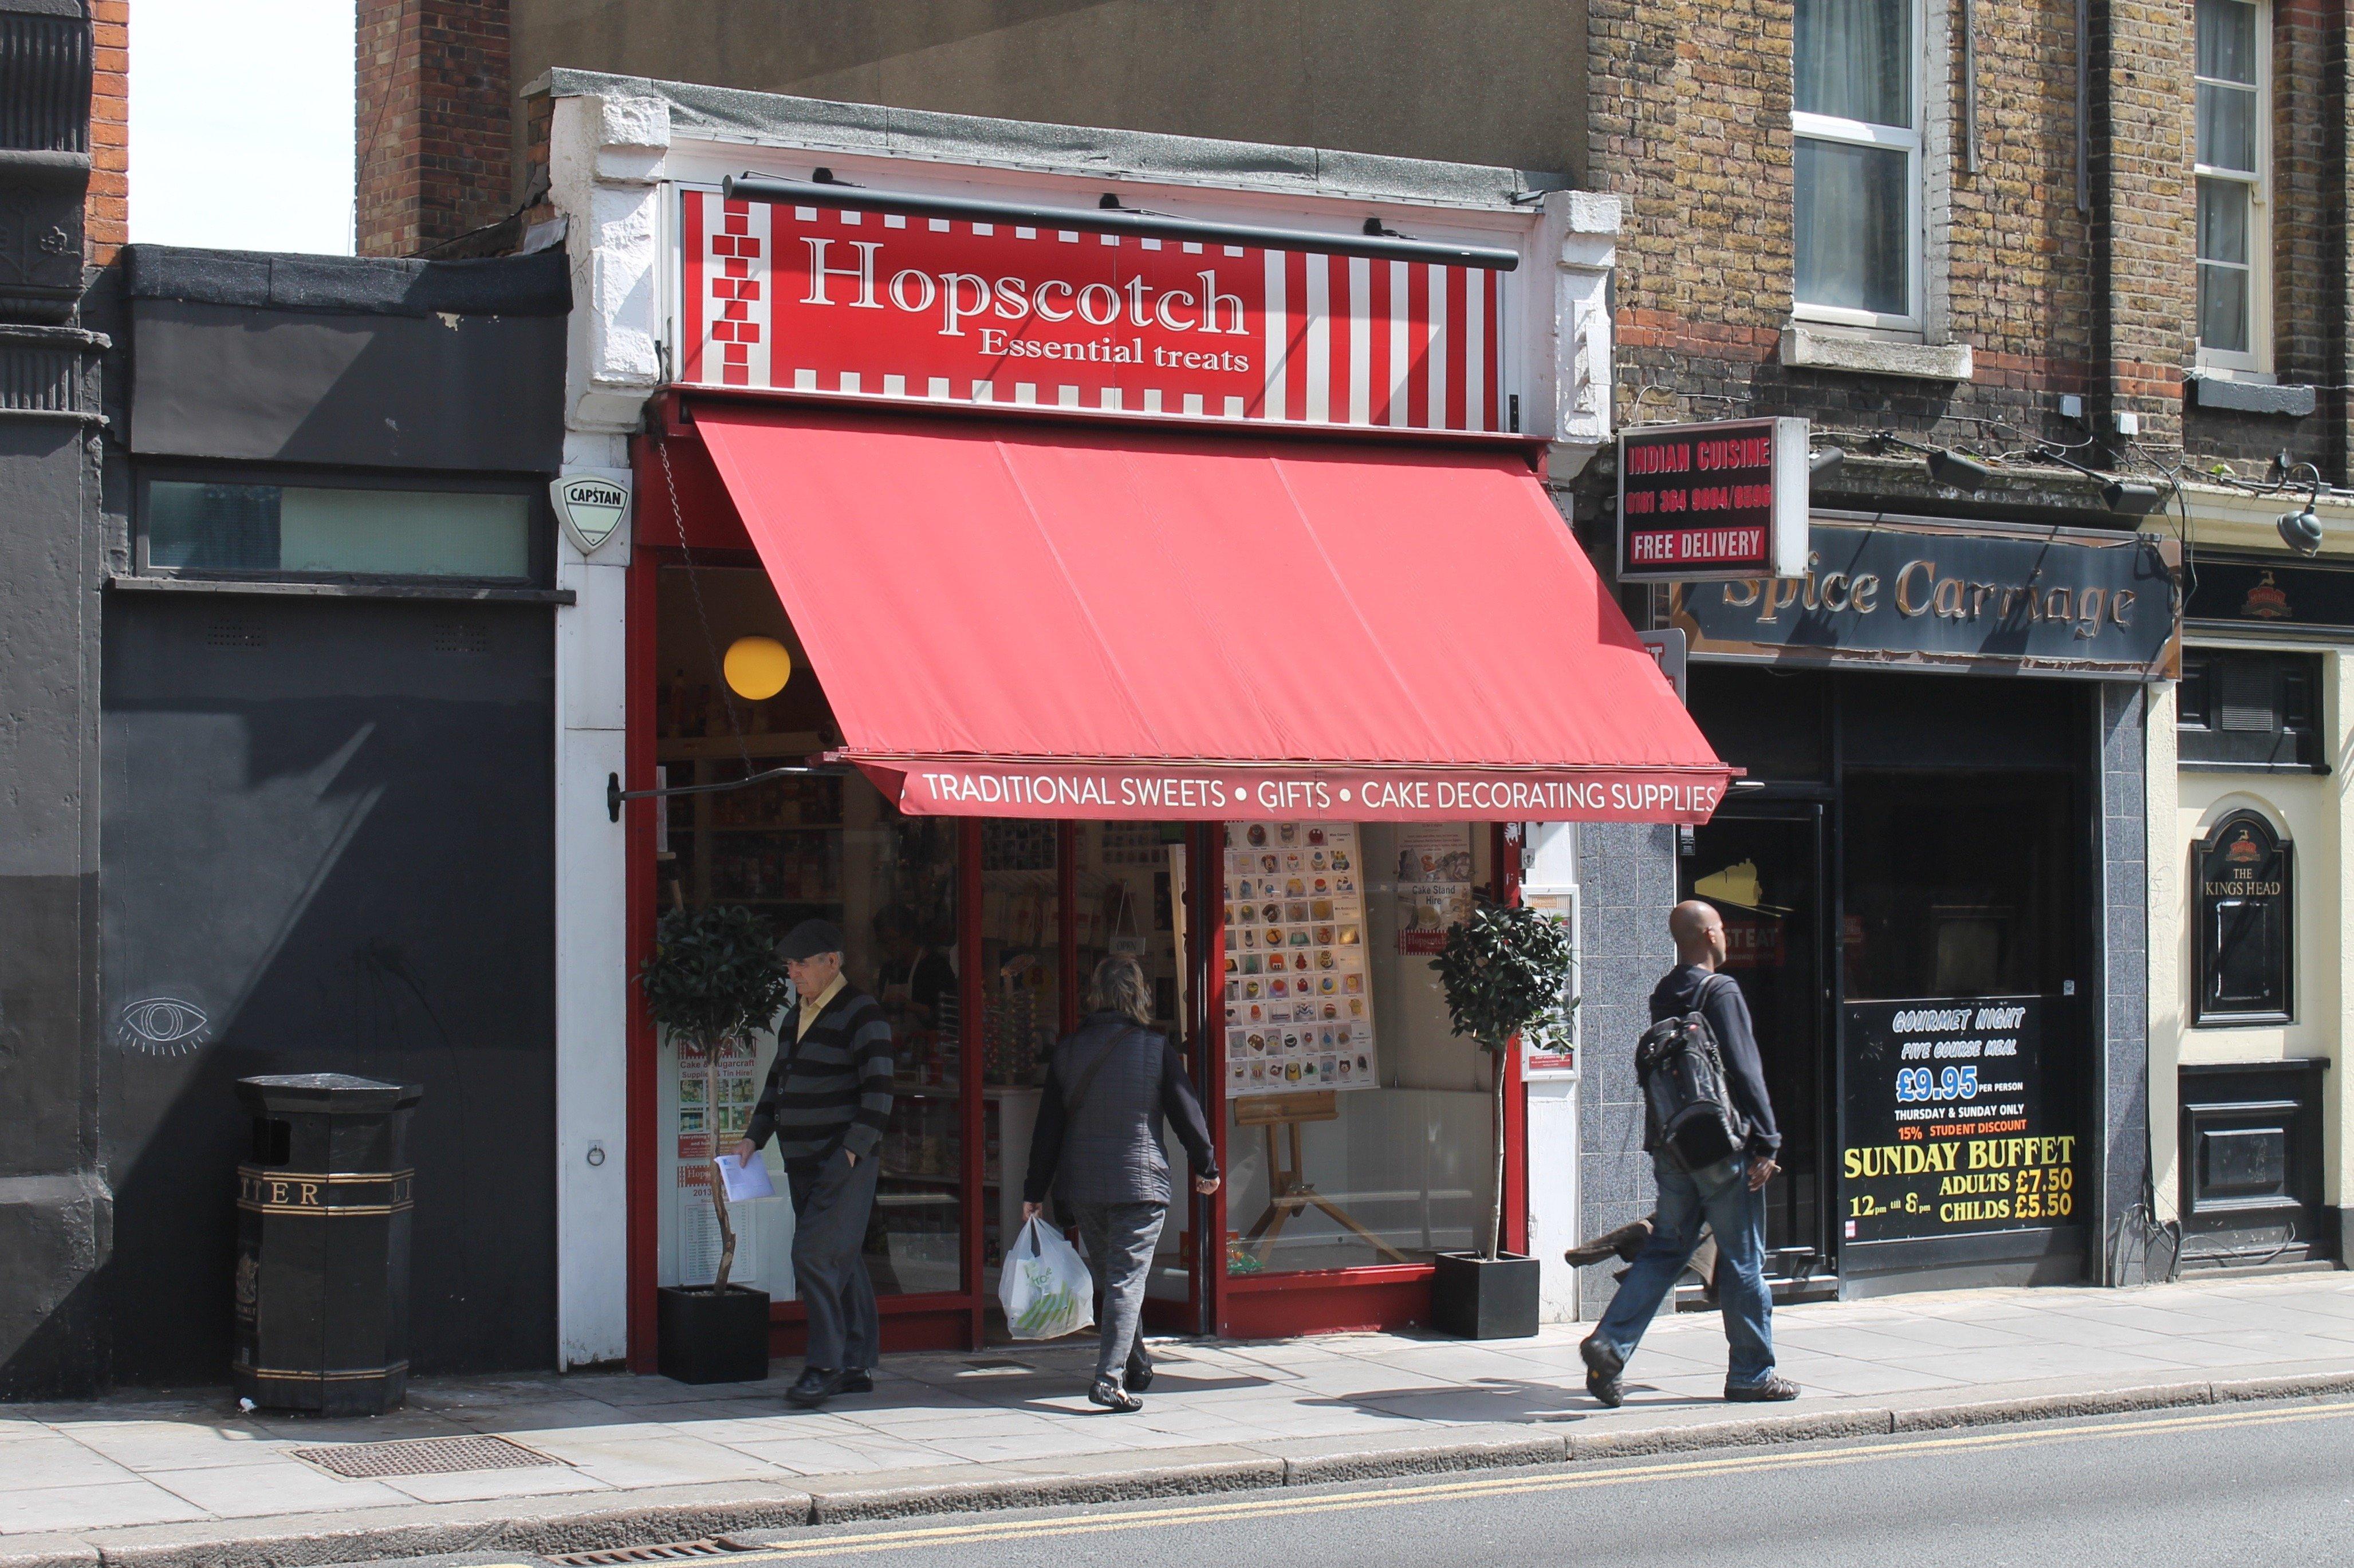 Hopscotch-shop